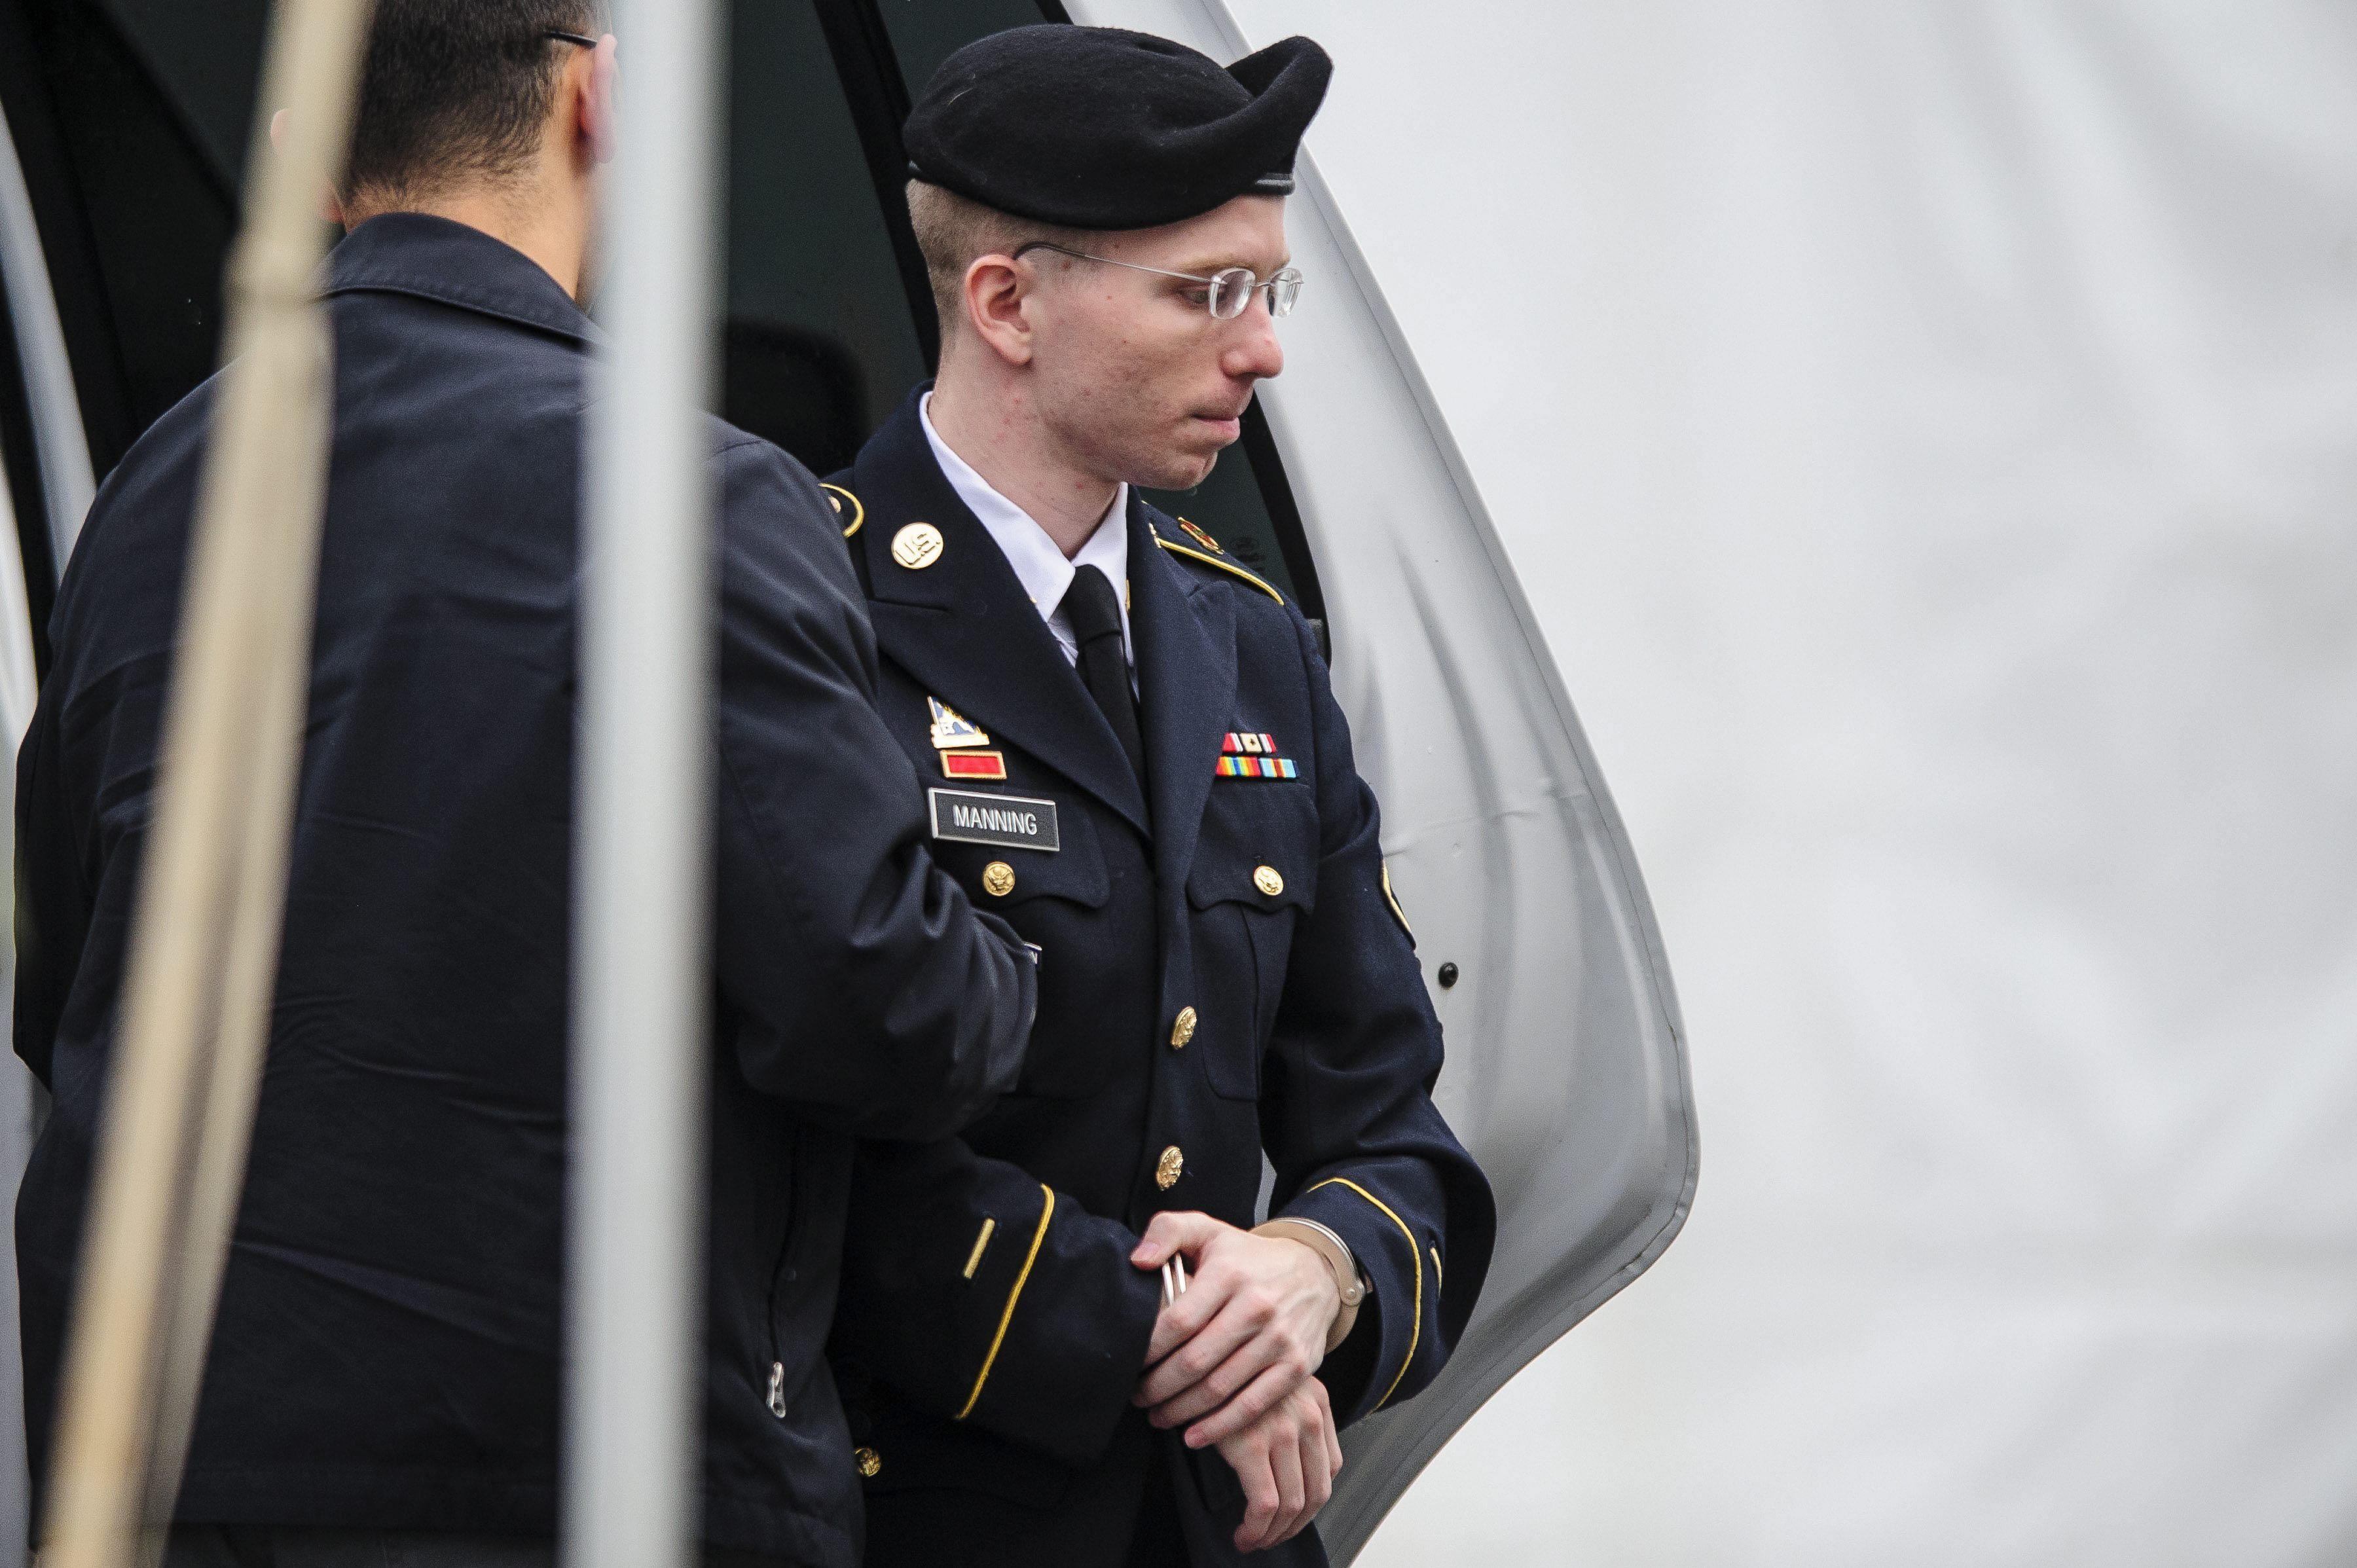 La juez del caso contra Bradley Manning rechaza retirar el cargo de «ayudar al enemigo»